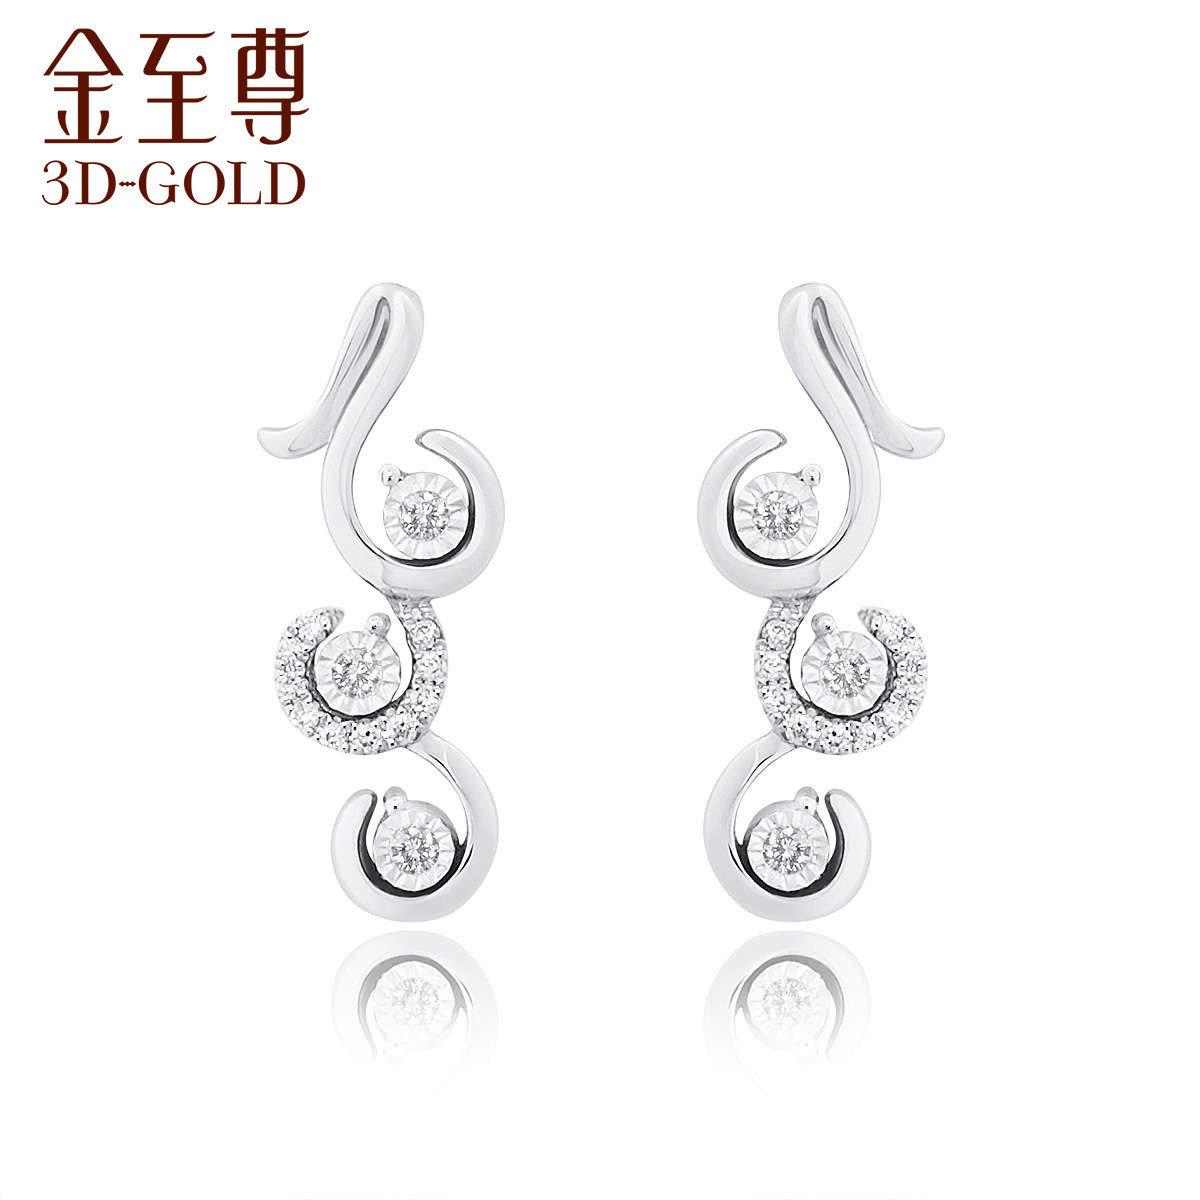 18K/750金(白色)鑲鑽石耳環